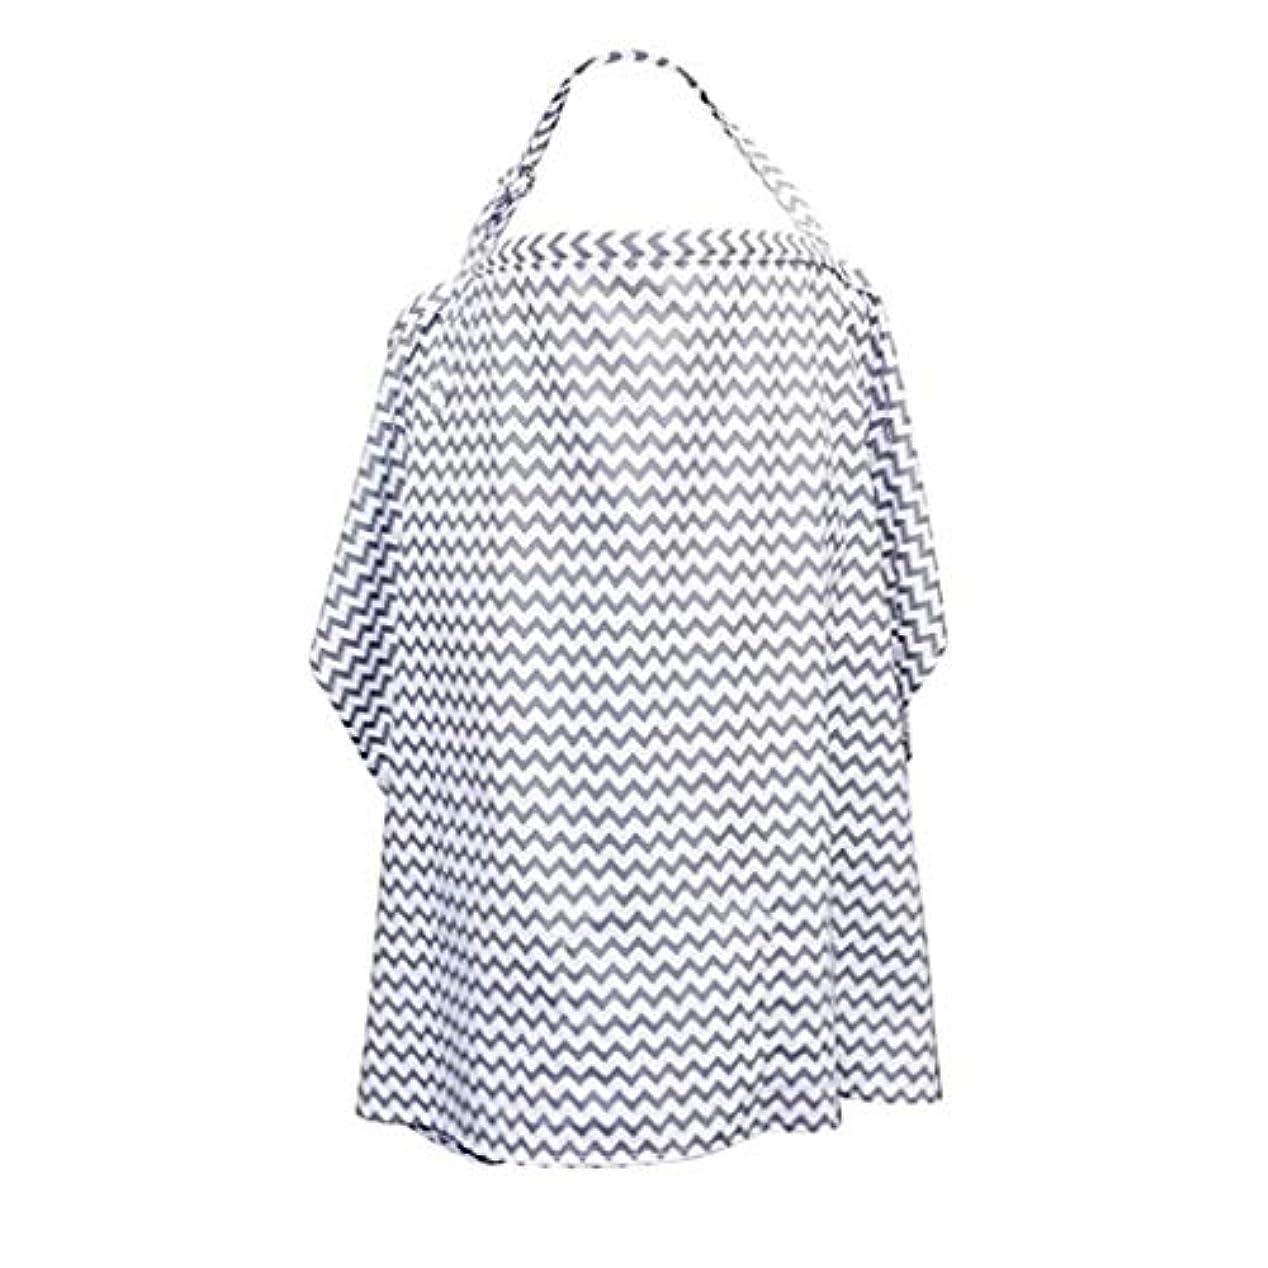 世界の窓遠征ペルメル調節可能なストラップ付き母乳育児カバー - 100%プレミアムコットンベースの看護カバー - 屋外給餌赤ちゃん看護布 - 収納バッグ&タオルコーナー (グレー)